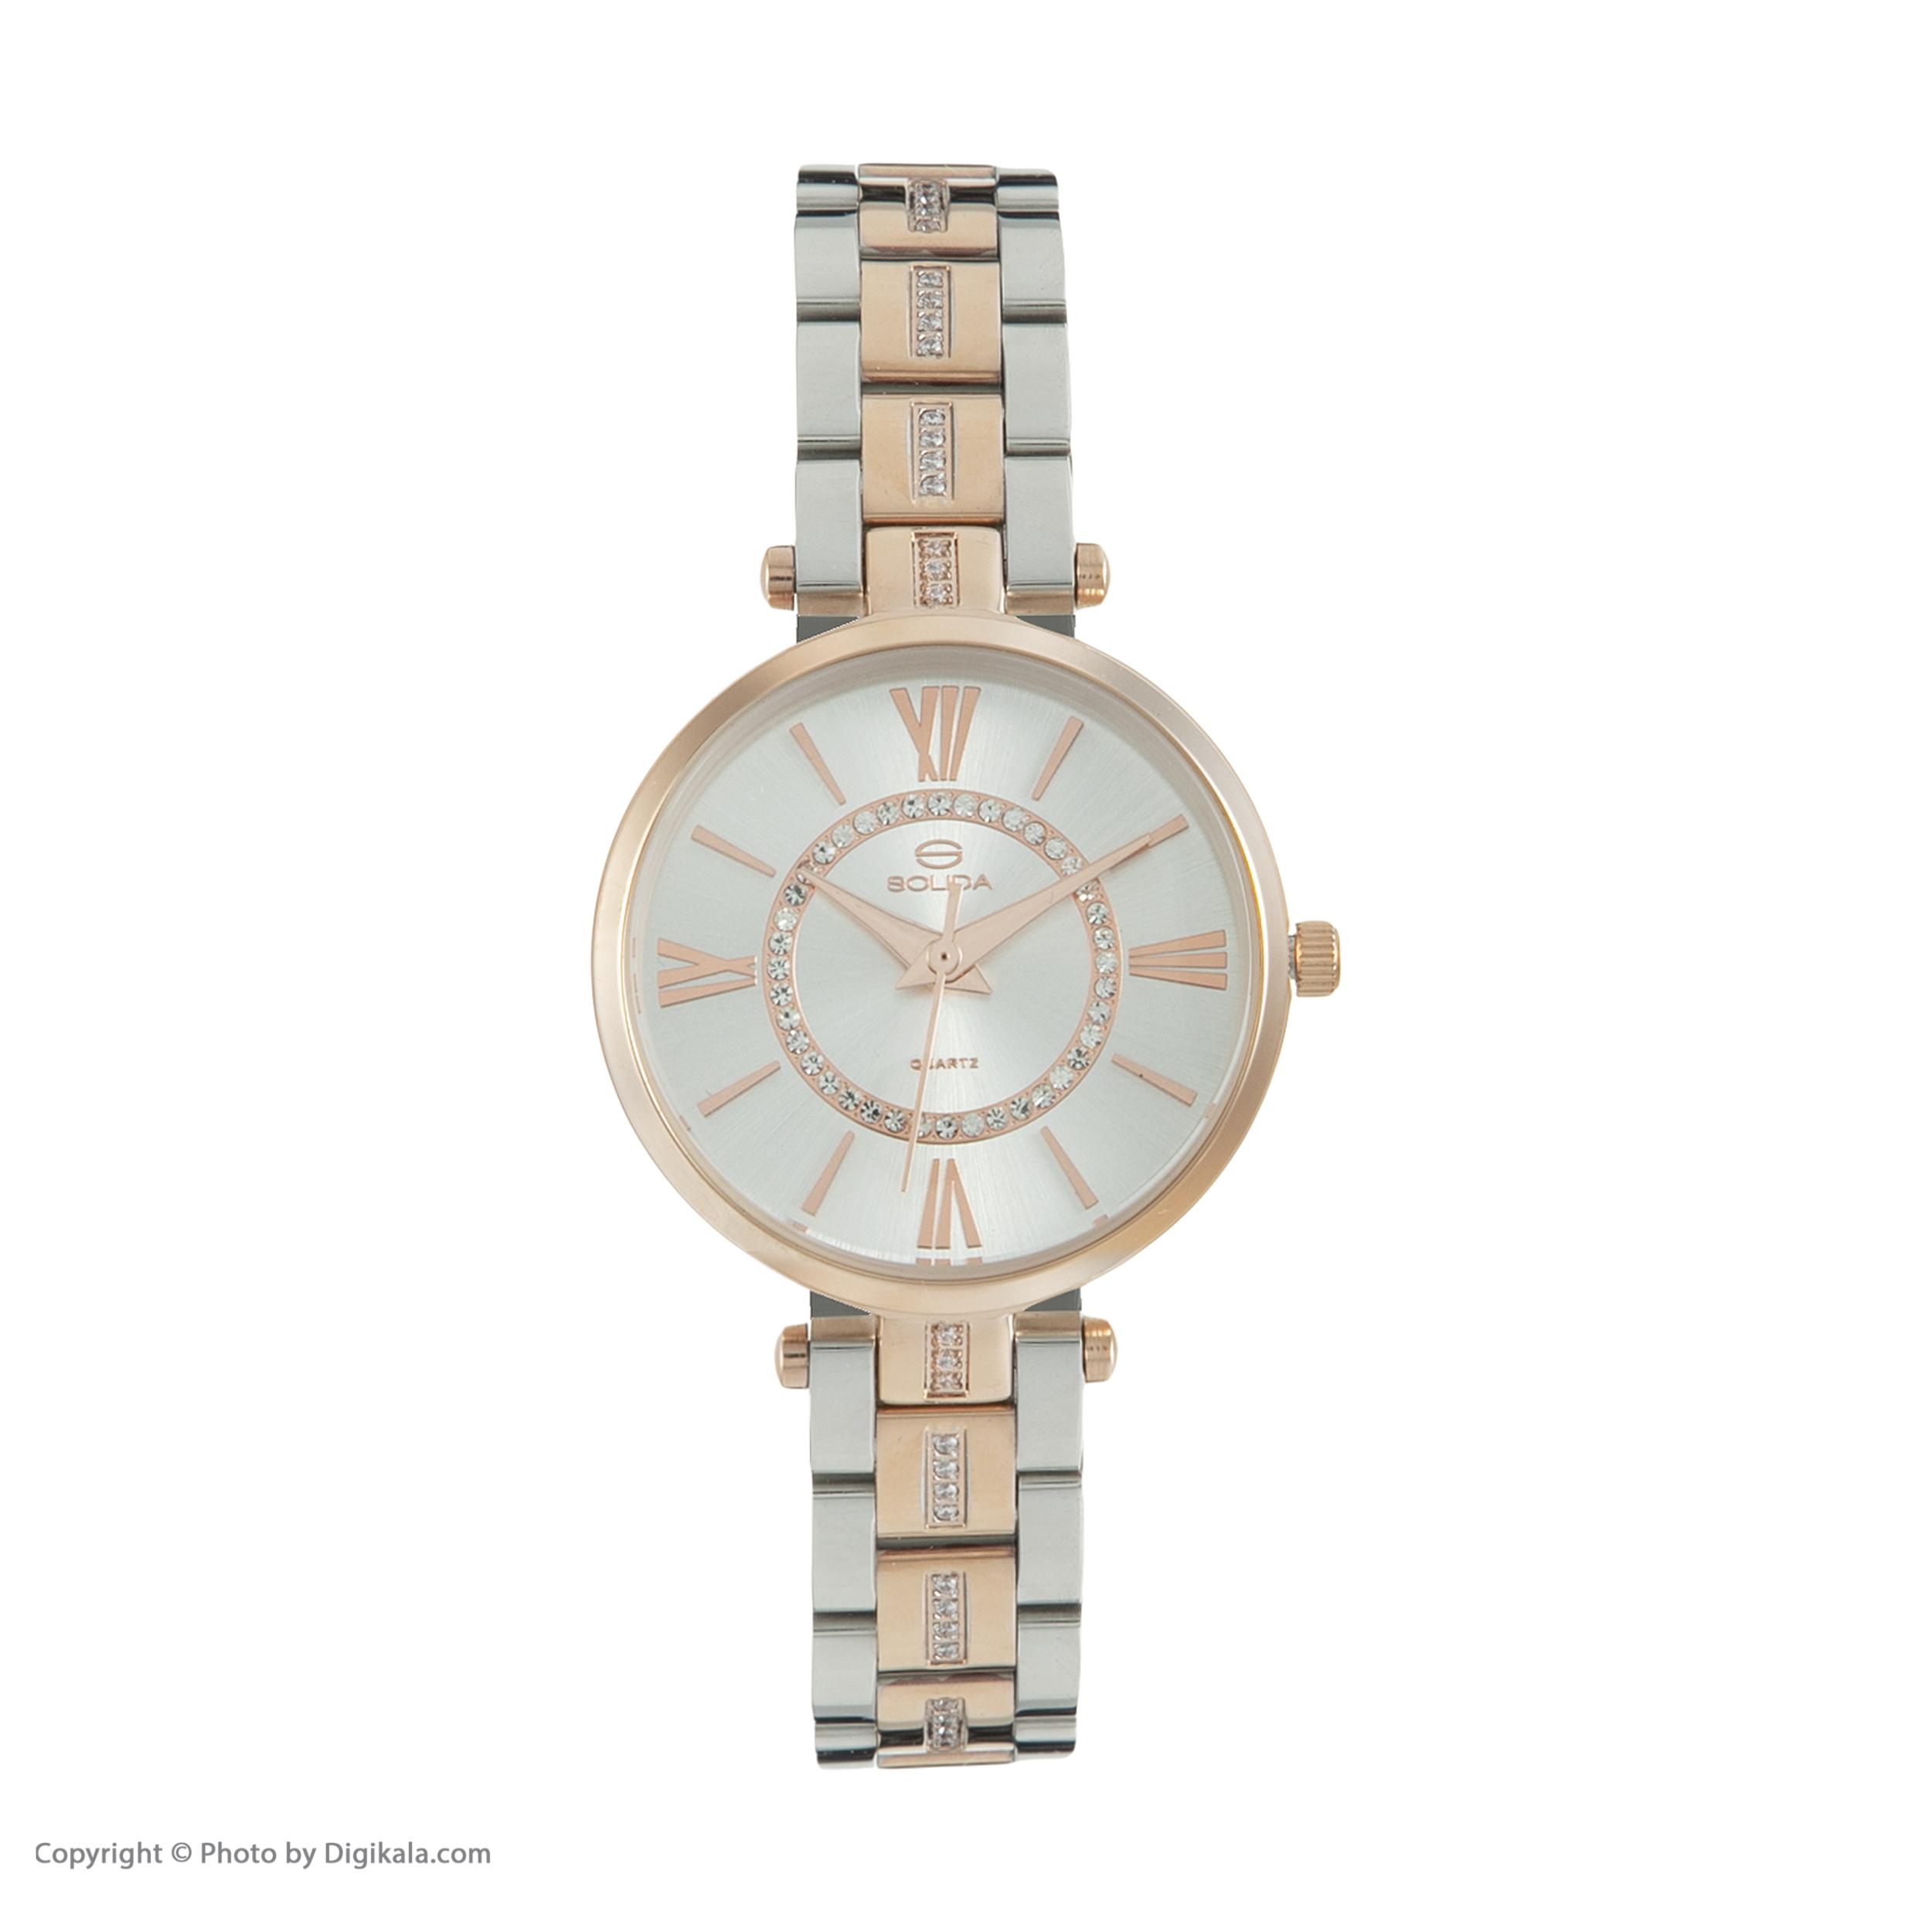 ساعت مچی عقربه ای زنانه سولیدا مدل S1115L کد 02              ارزان